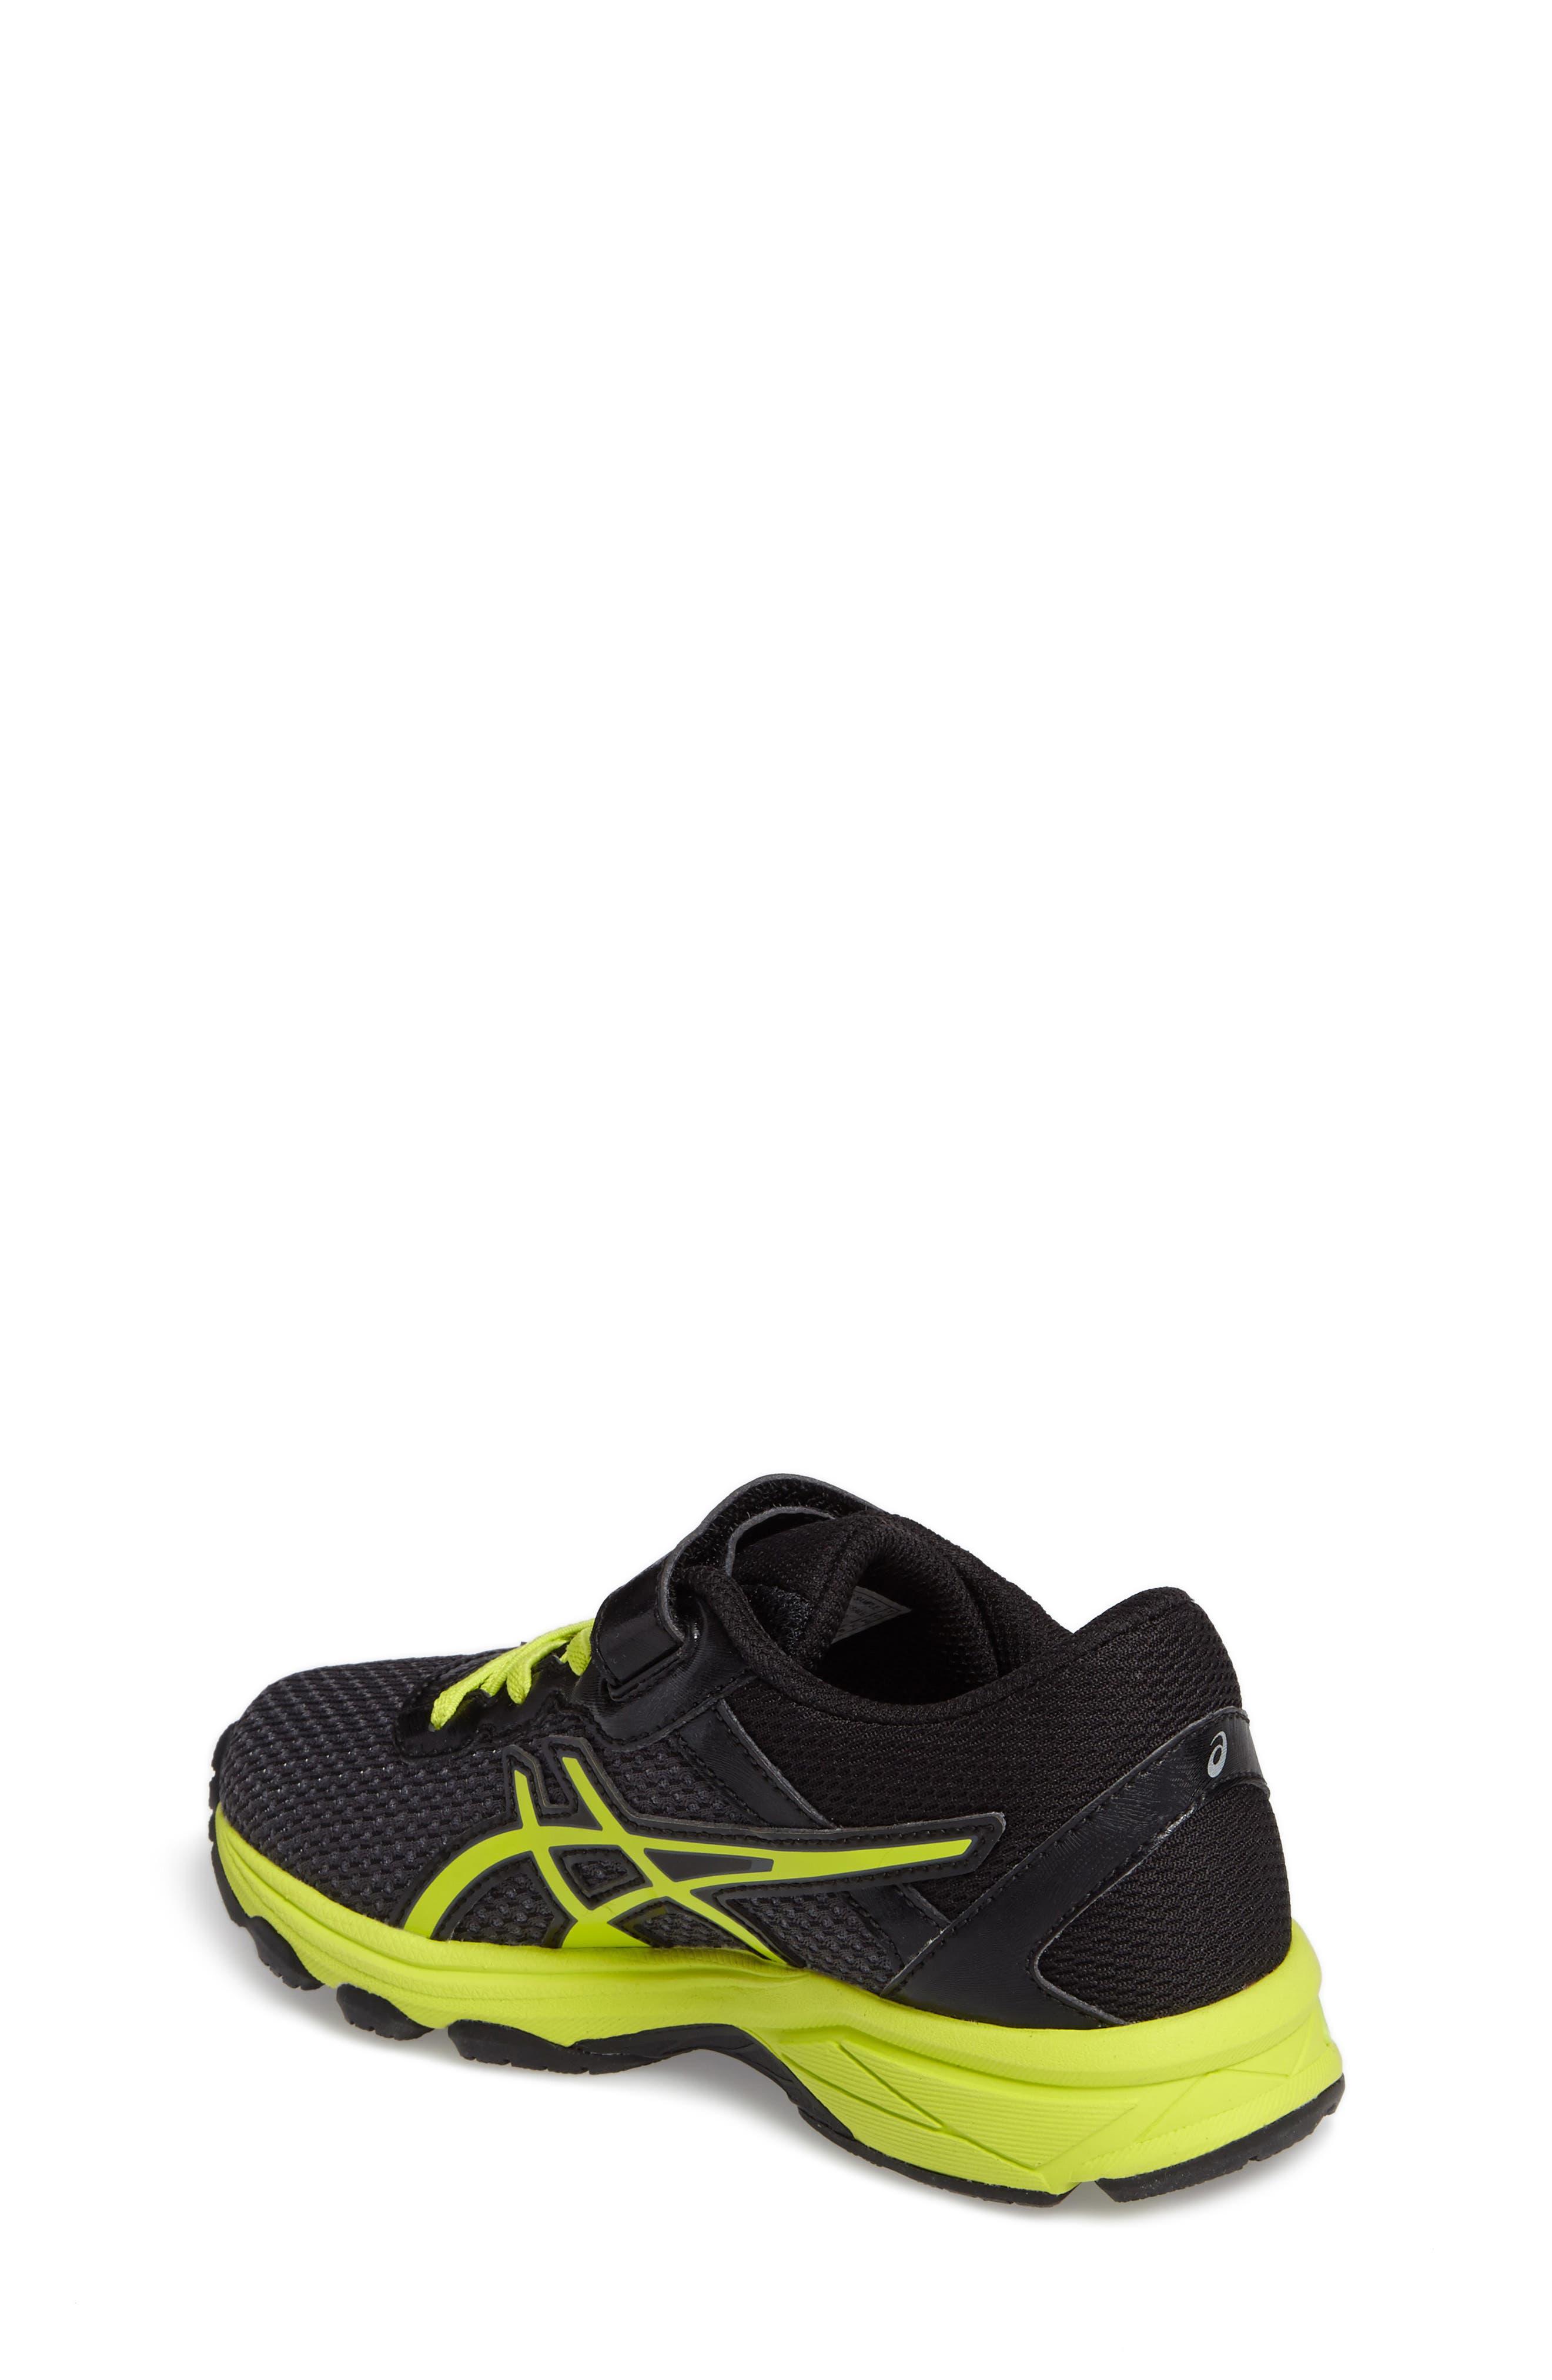 Alternate Image 2  - Asics GT-1000™ 6 PS Sneaker (Toddler & Little Kid)